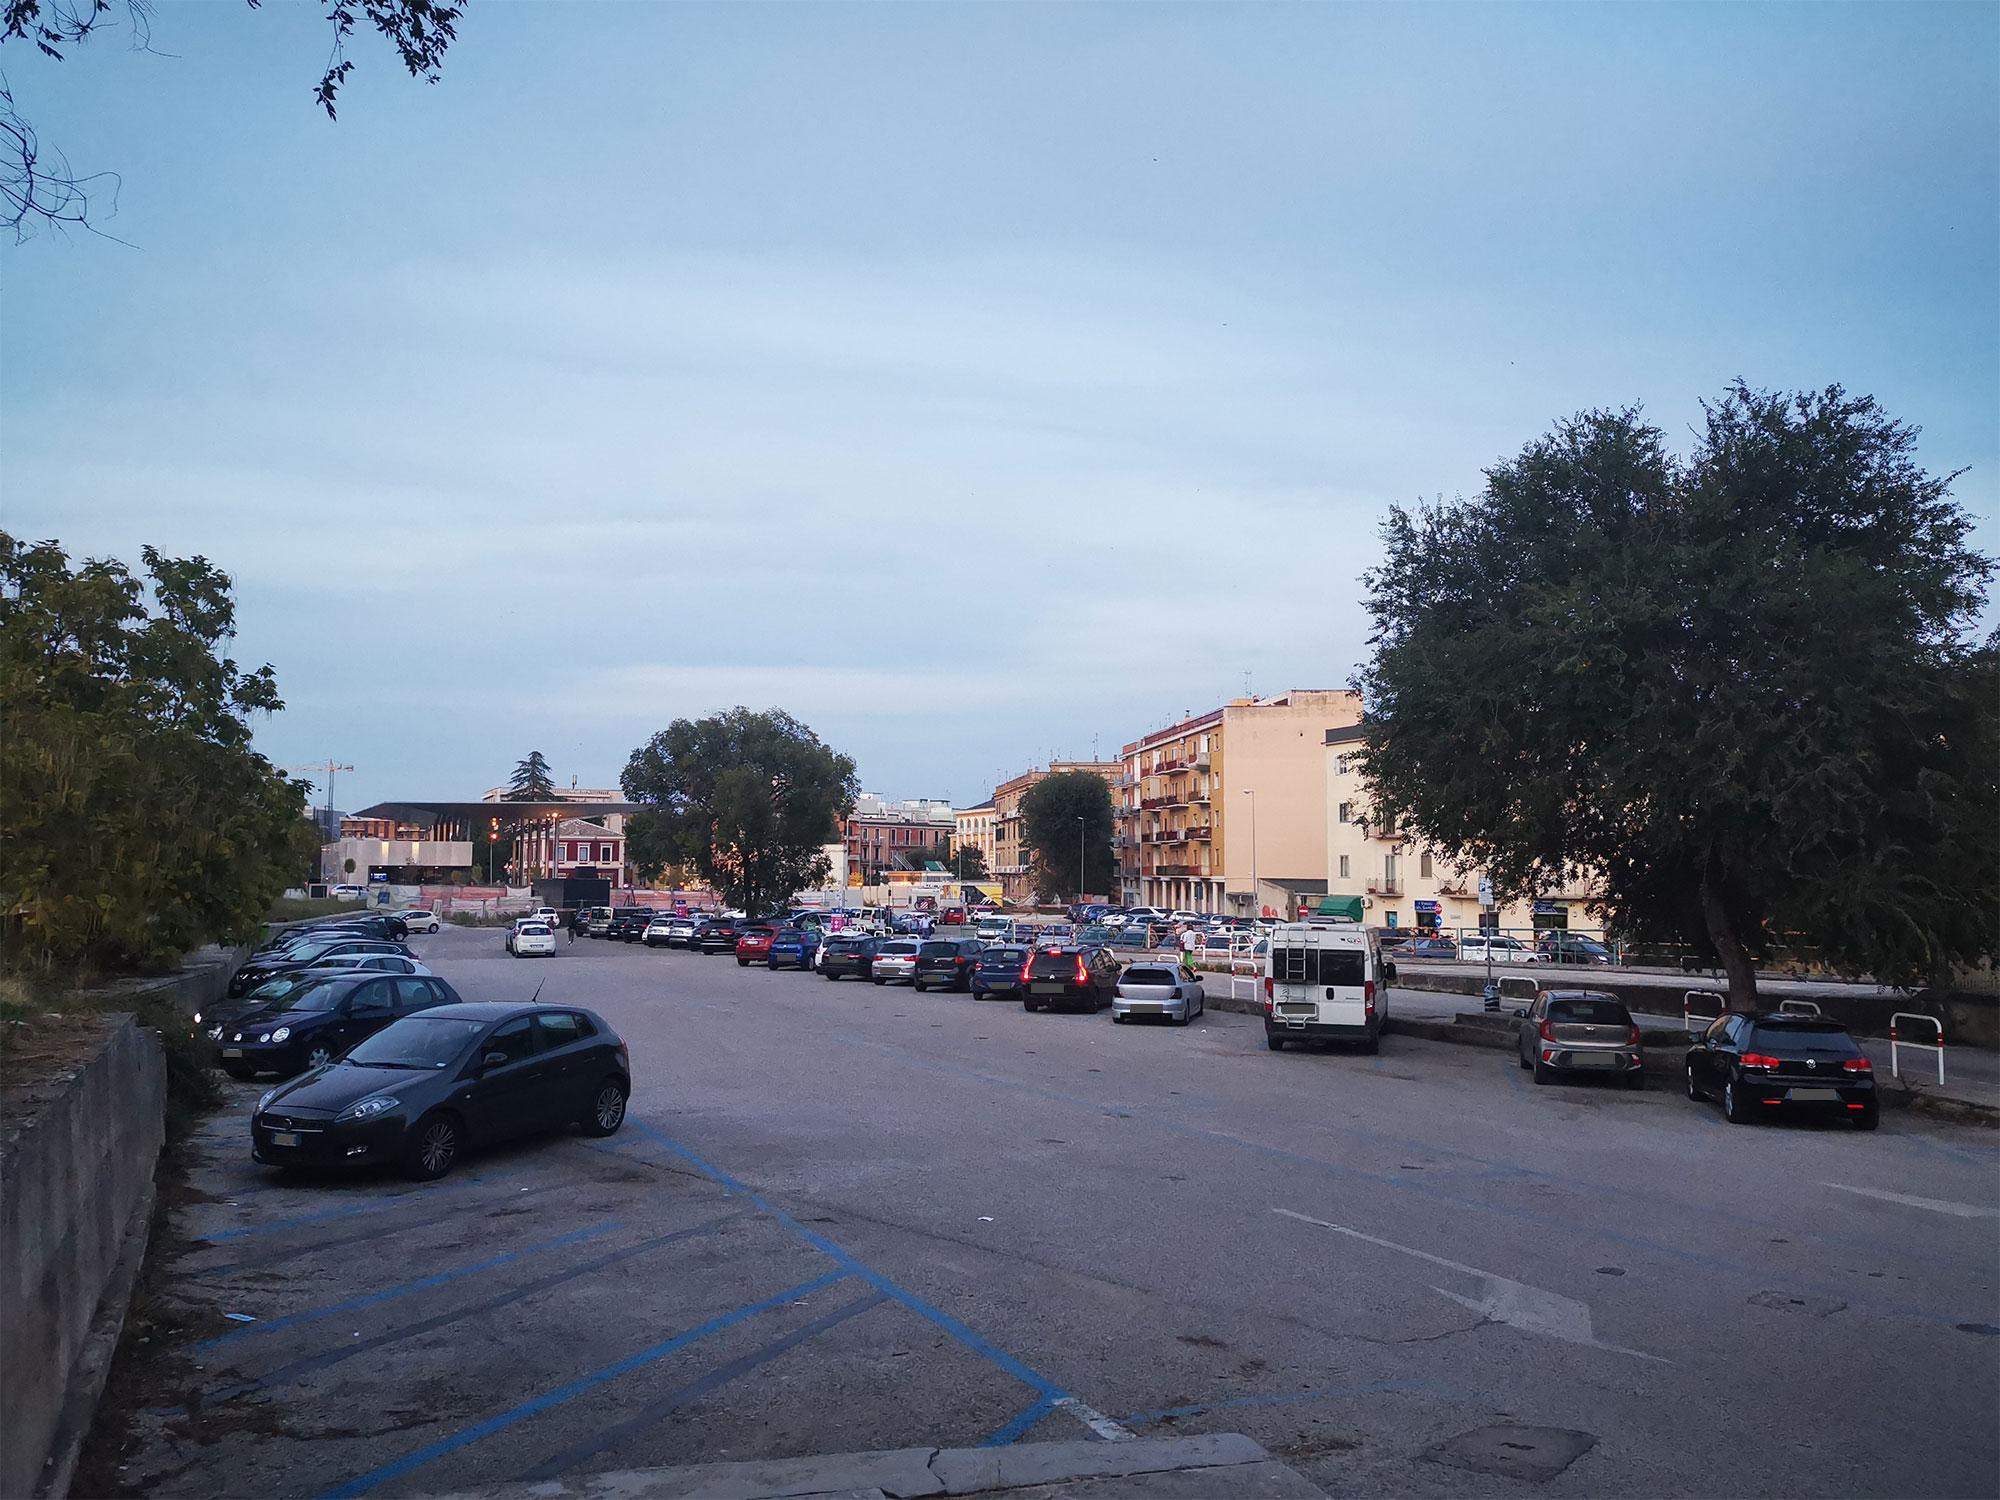 Una parte del parcheggio all'aperto di Piazza della Visitazione a Matera